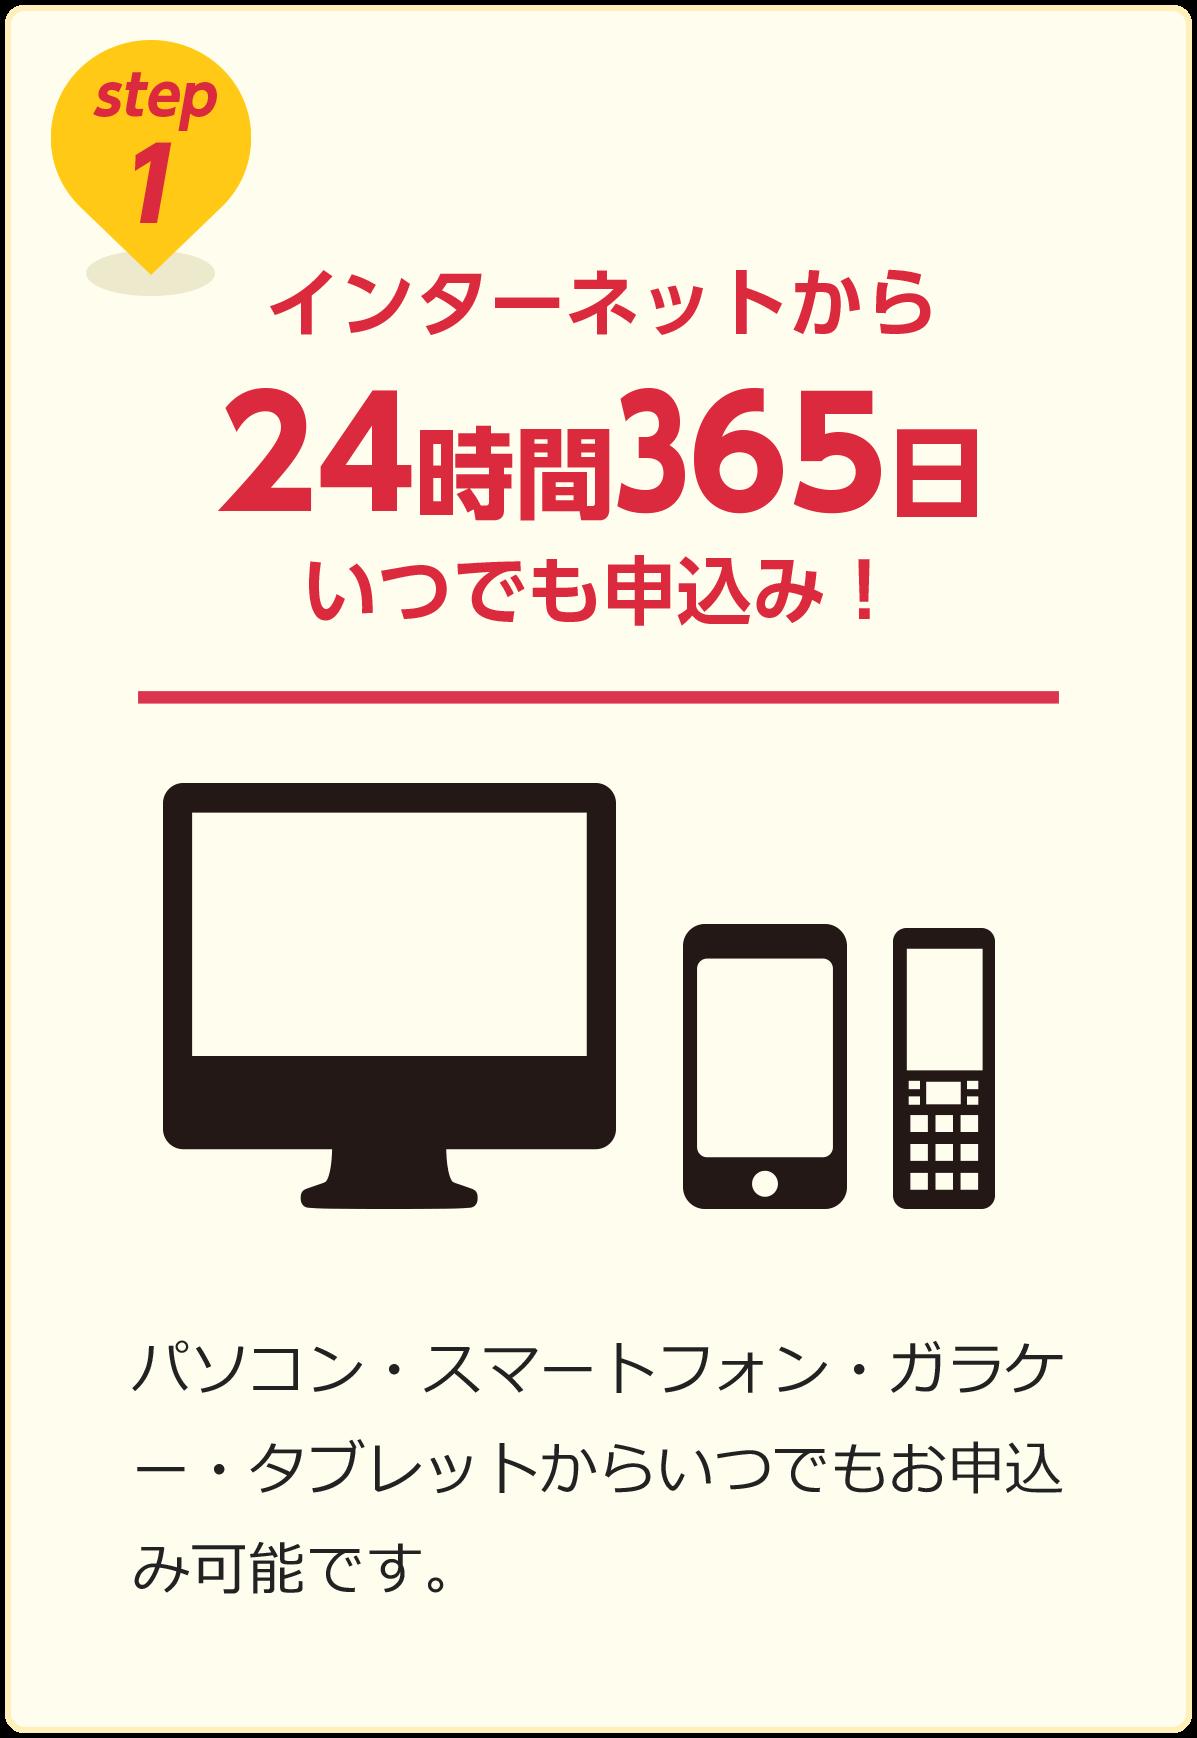 step1 インターネットから24時間365日いつでも申込み!